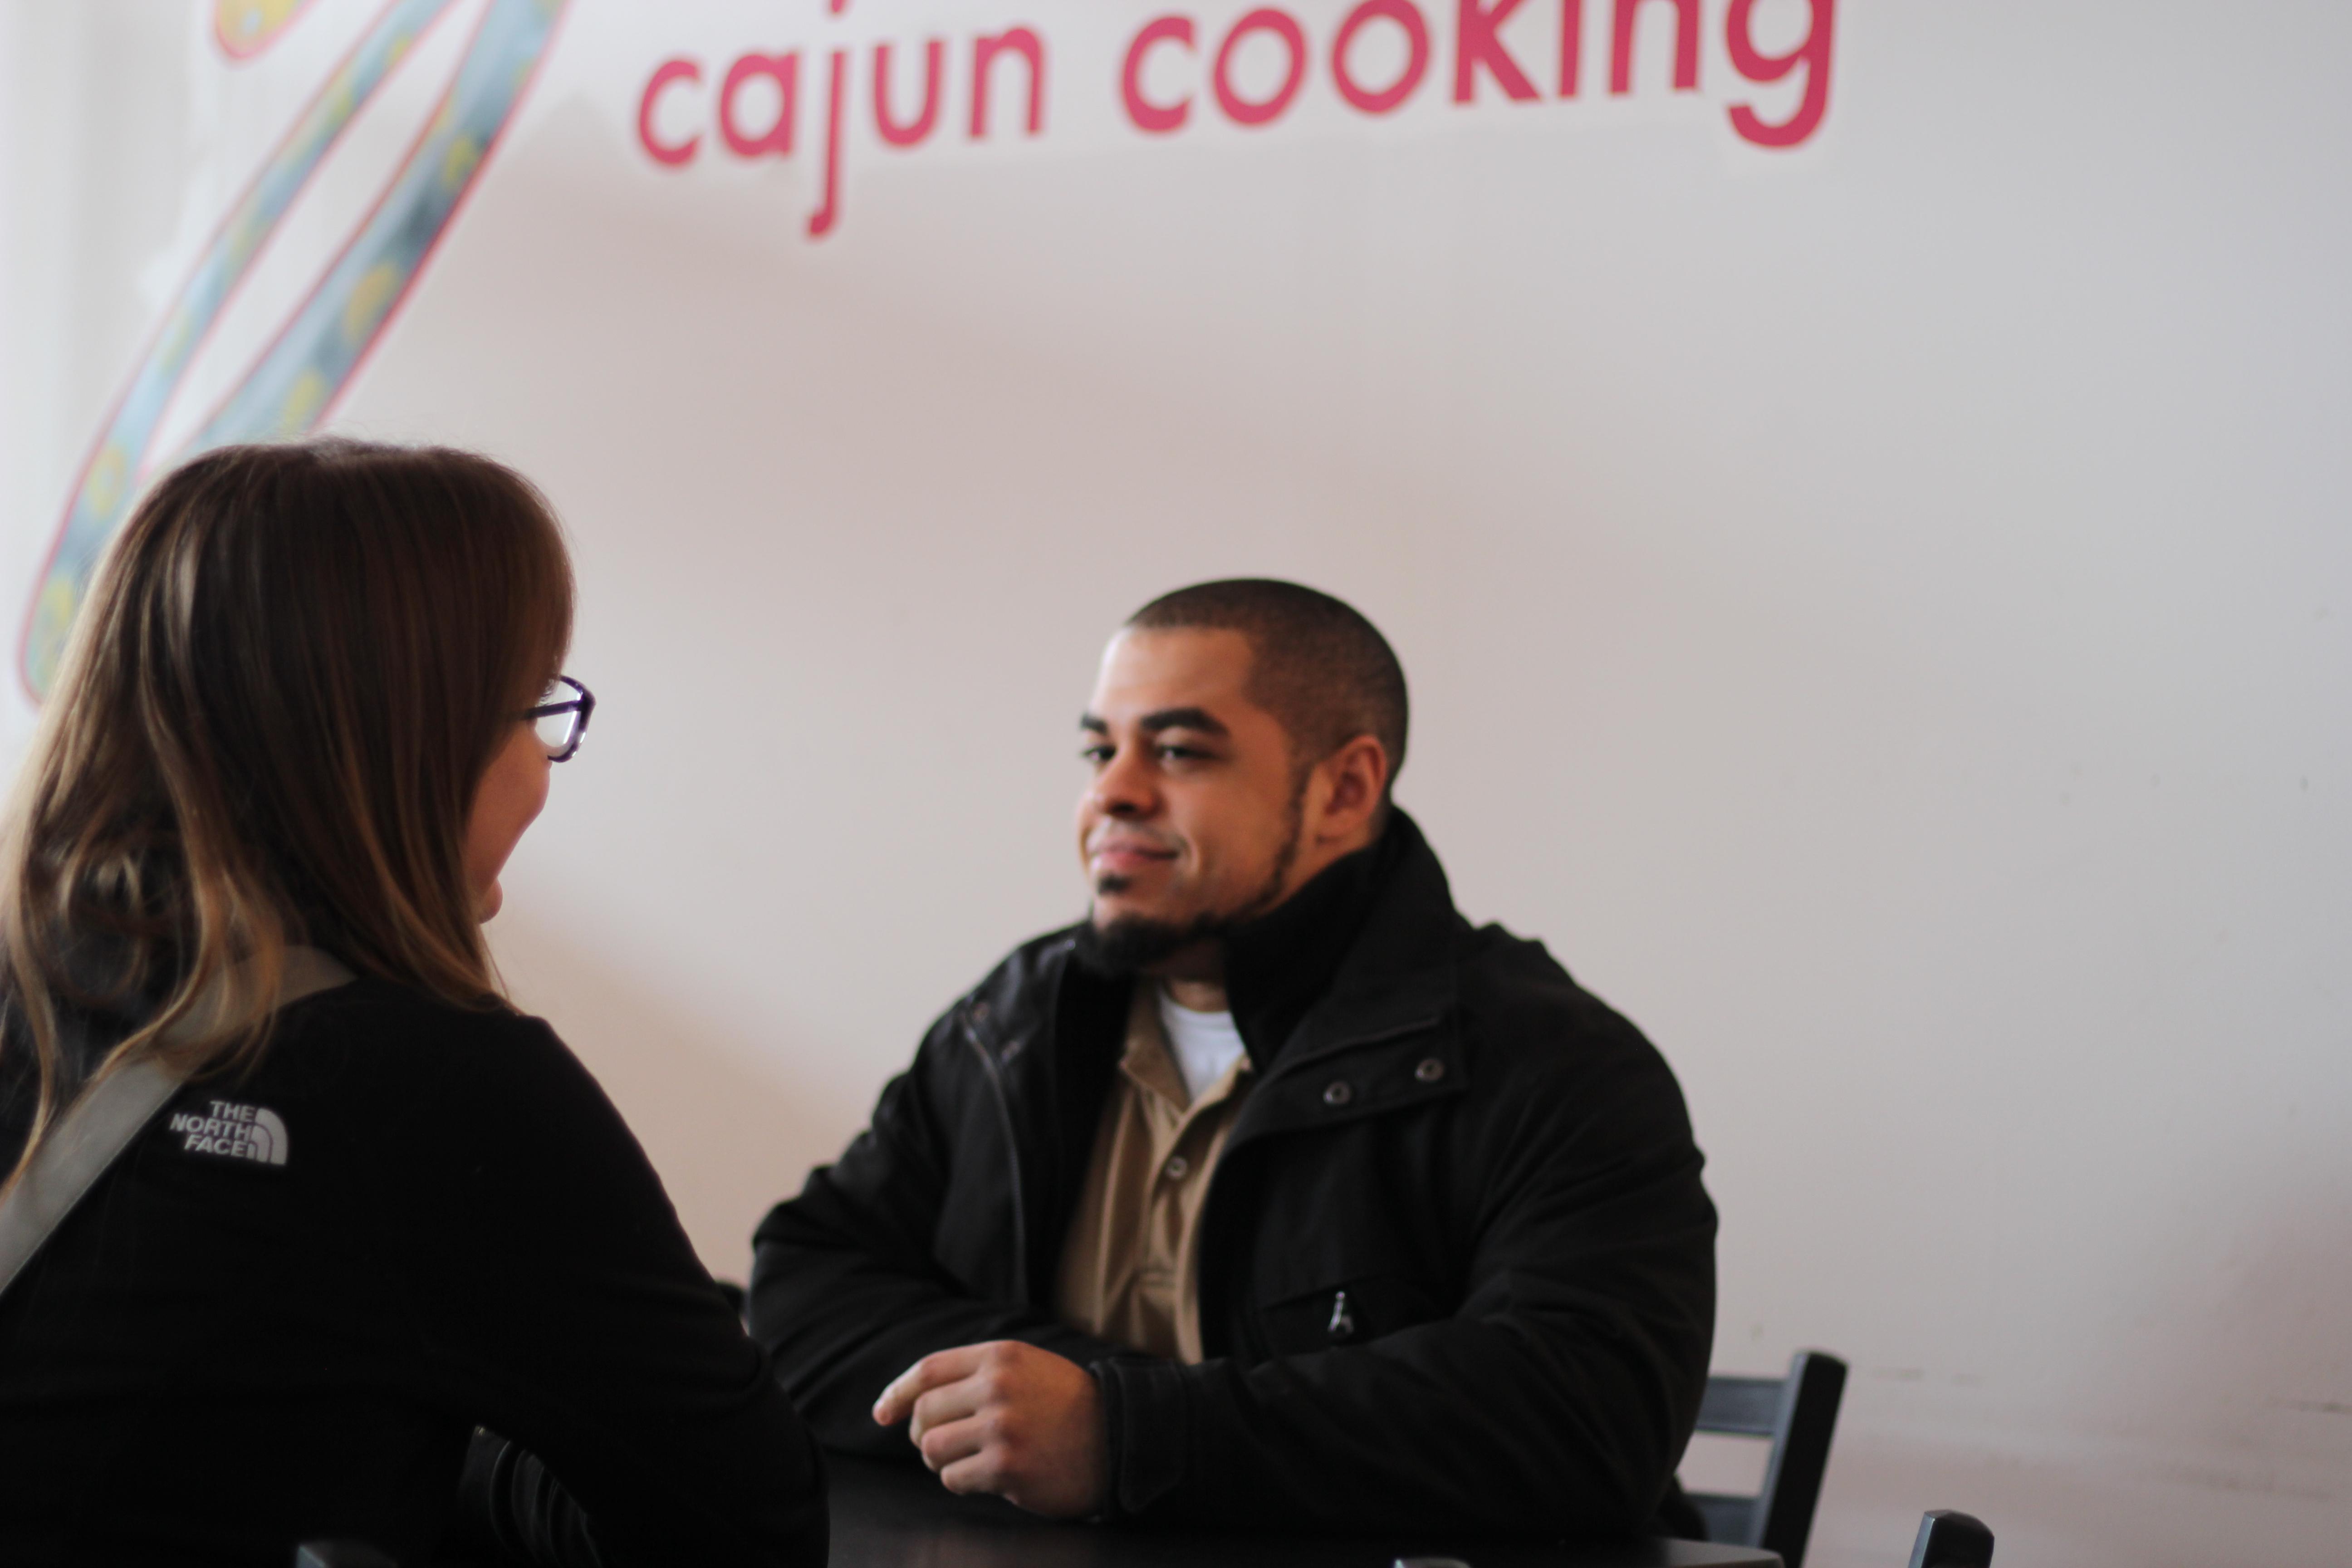 Gator's Cajun Cooking, Southfield MI